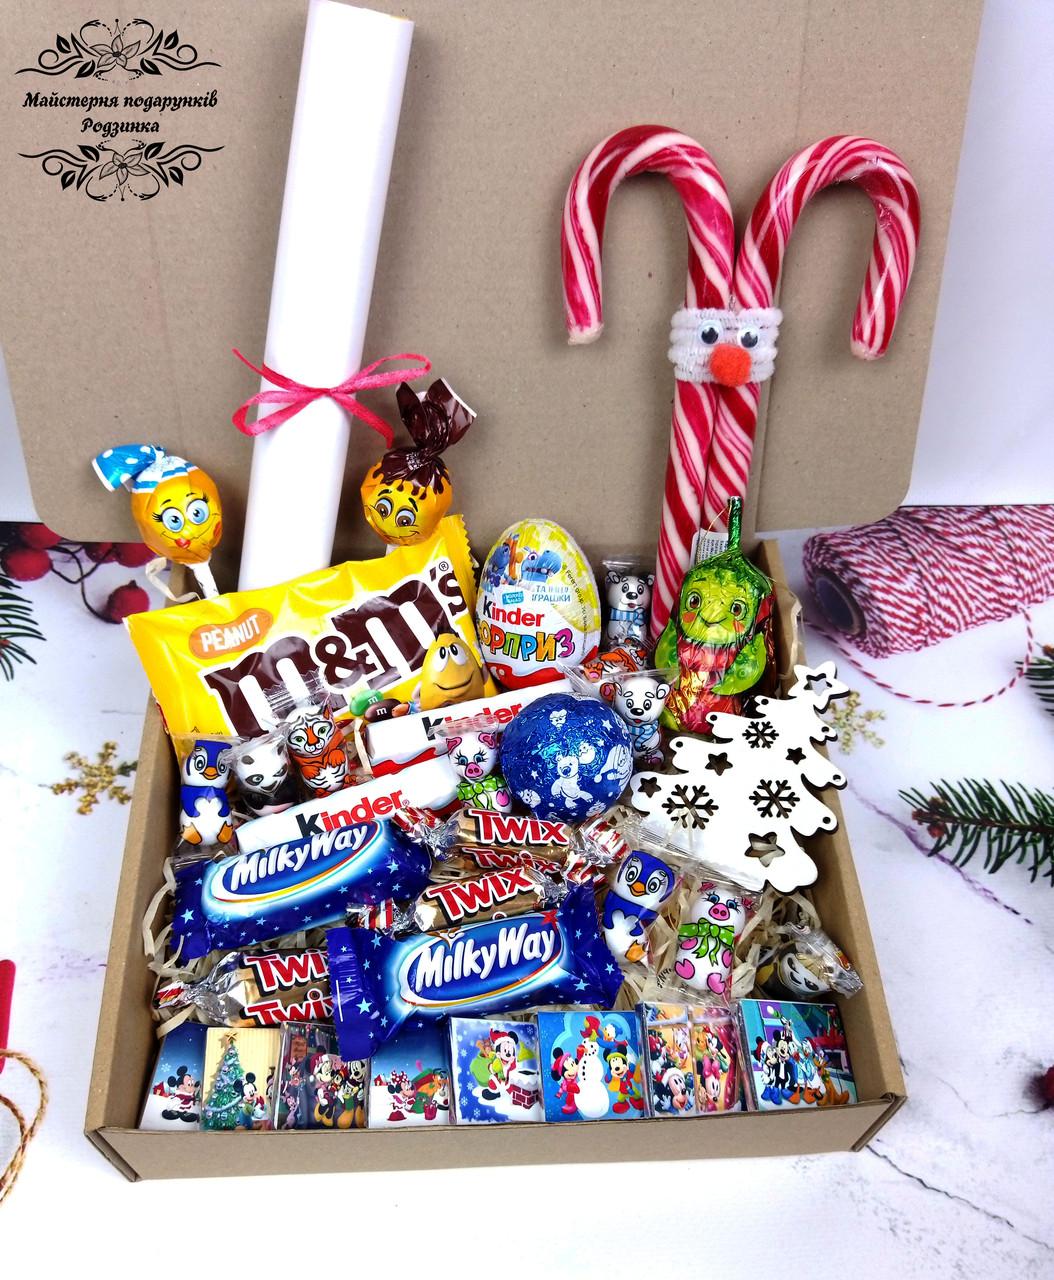 Новогодний подарочный набор для детей №13 с именной грамотой от Деда Мороза или Николая.